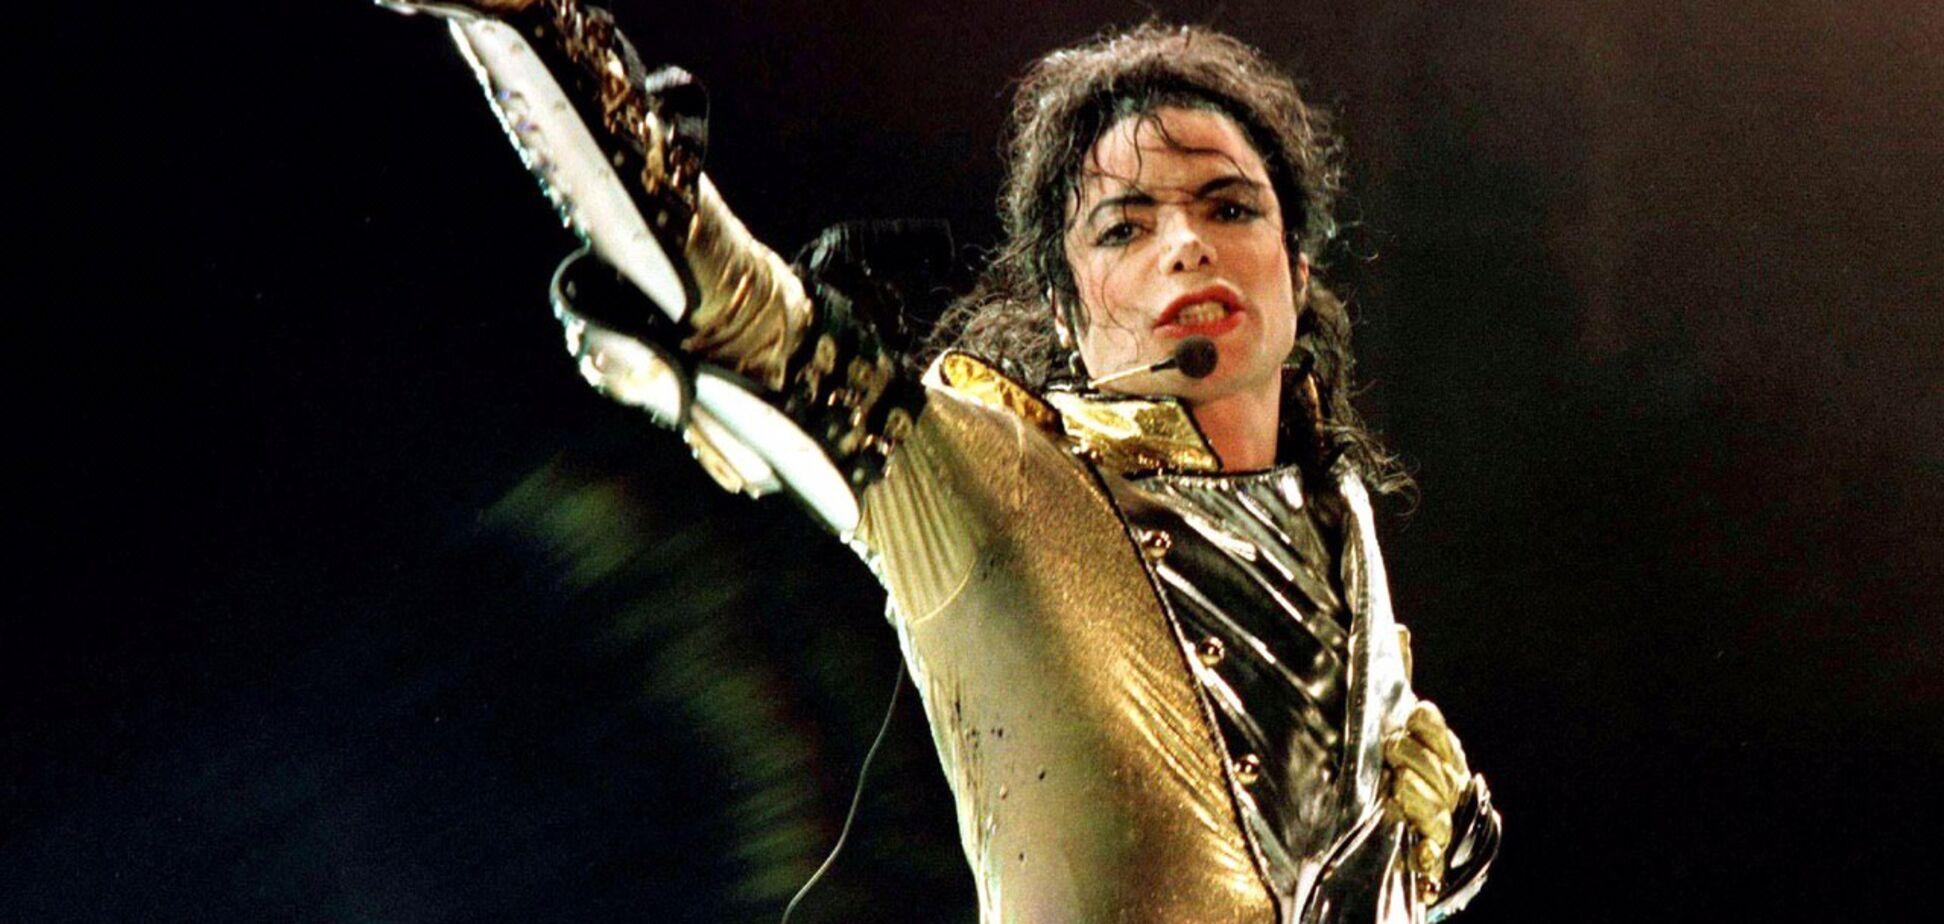 Майкл Джексон помер 11 років тому: найгучніші скандали з легендою попмузики